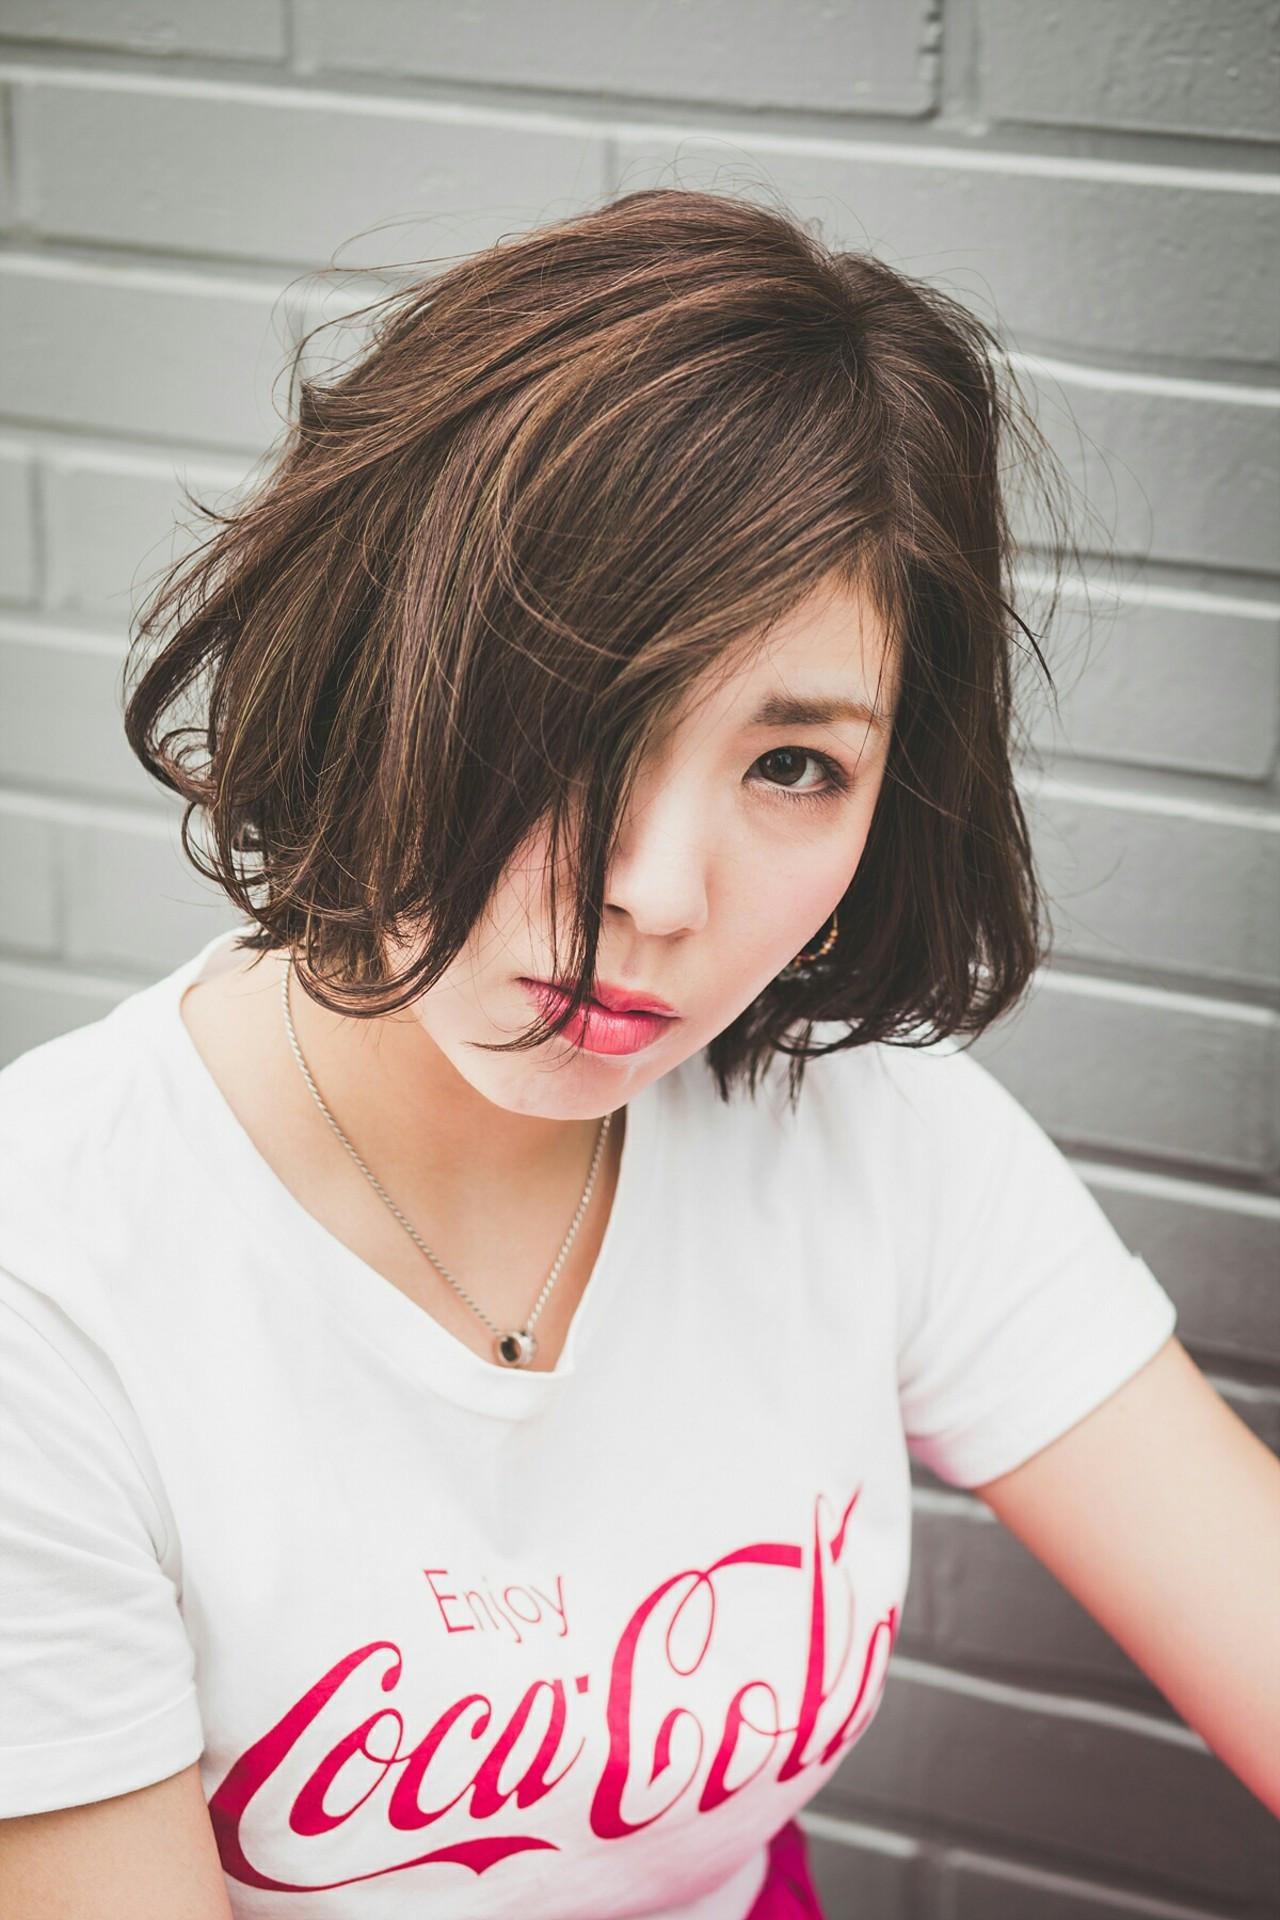 30代☆出来る女性を演出するワンレンボブ 韓国のゴヨンジュ